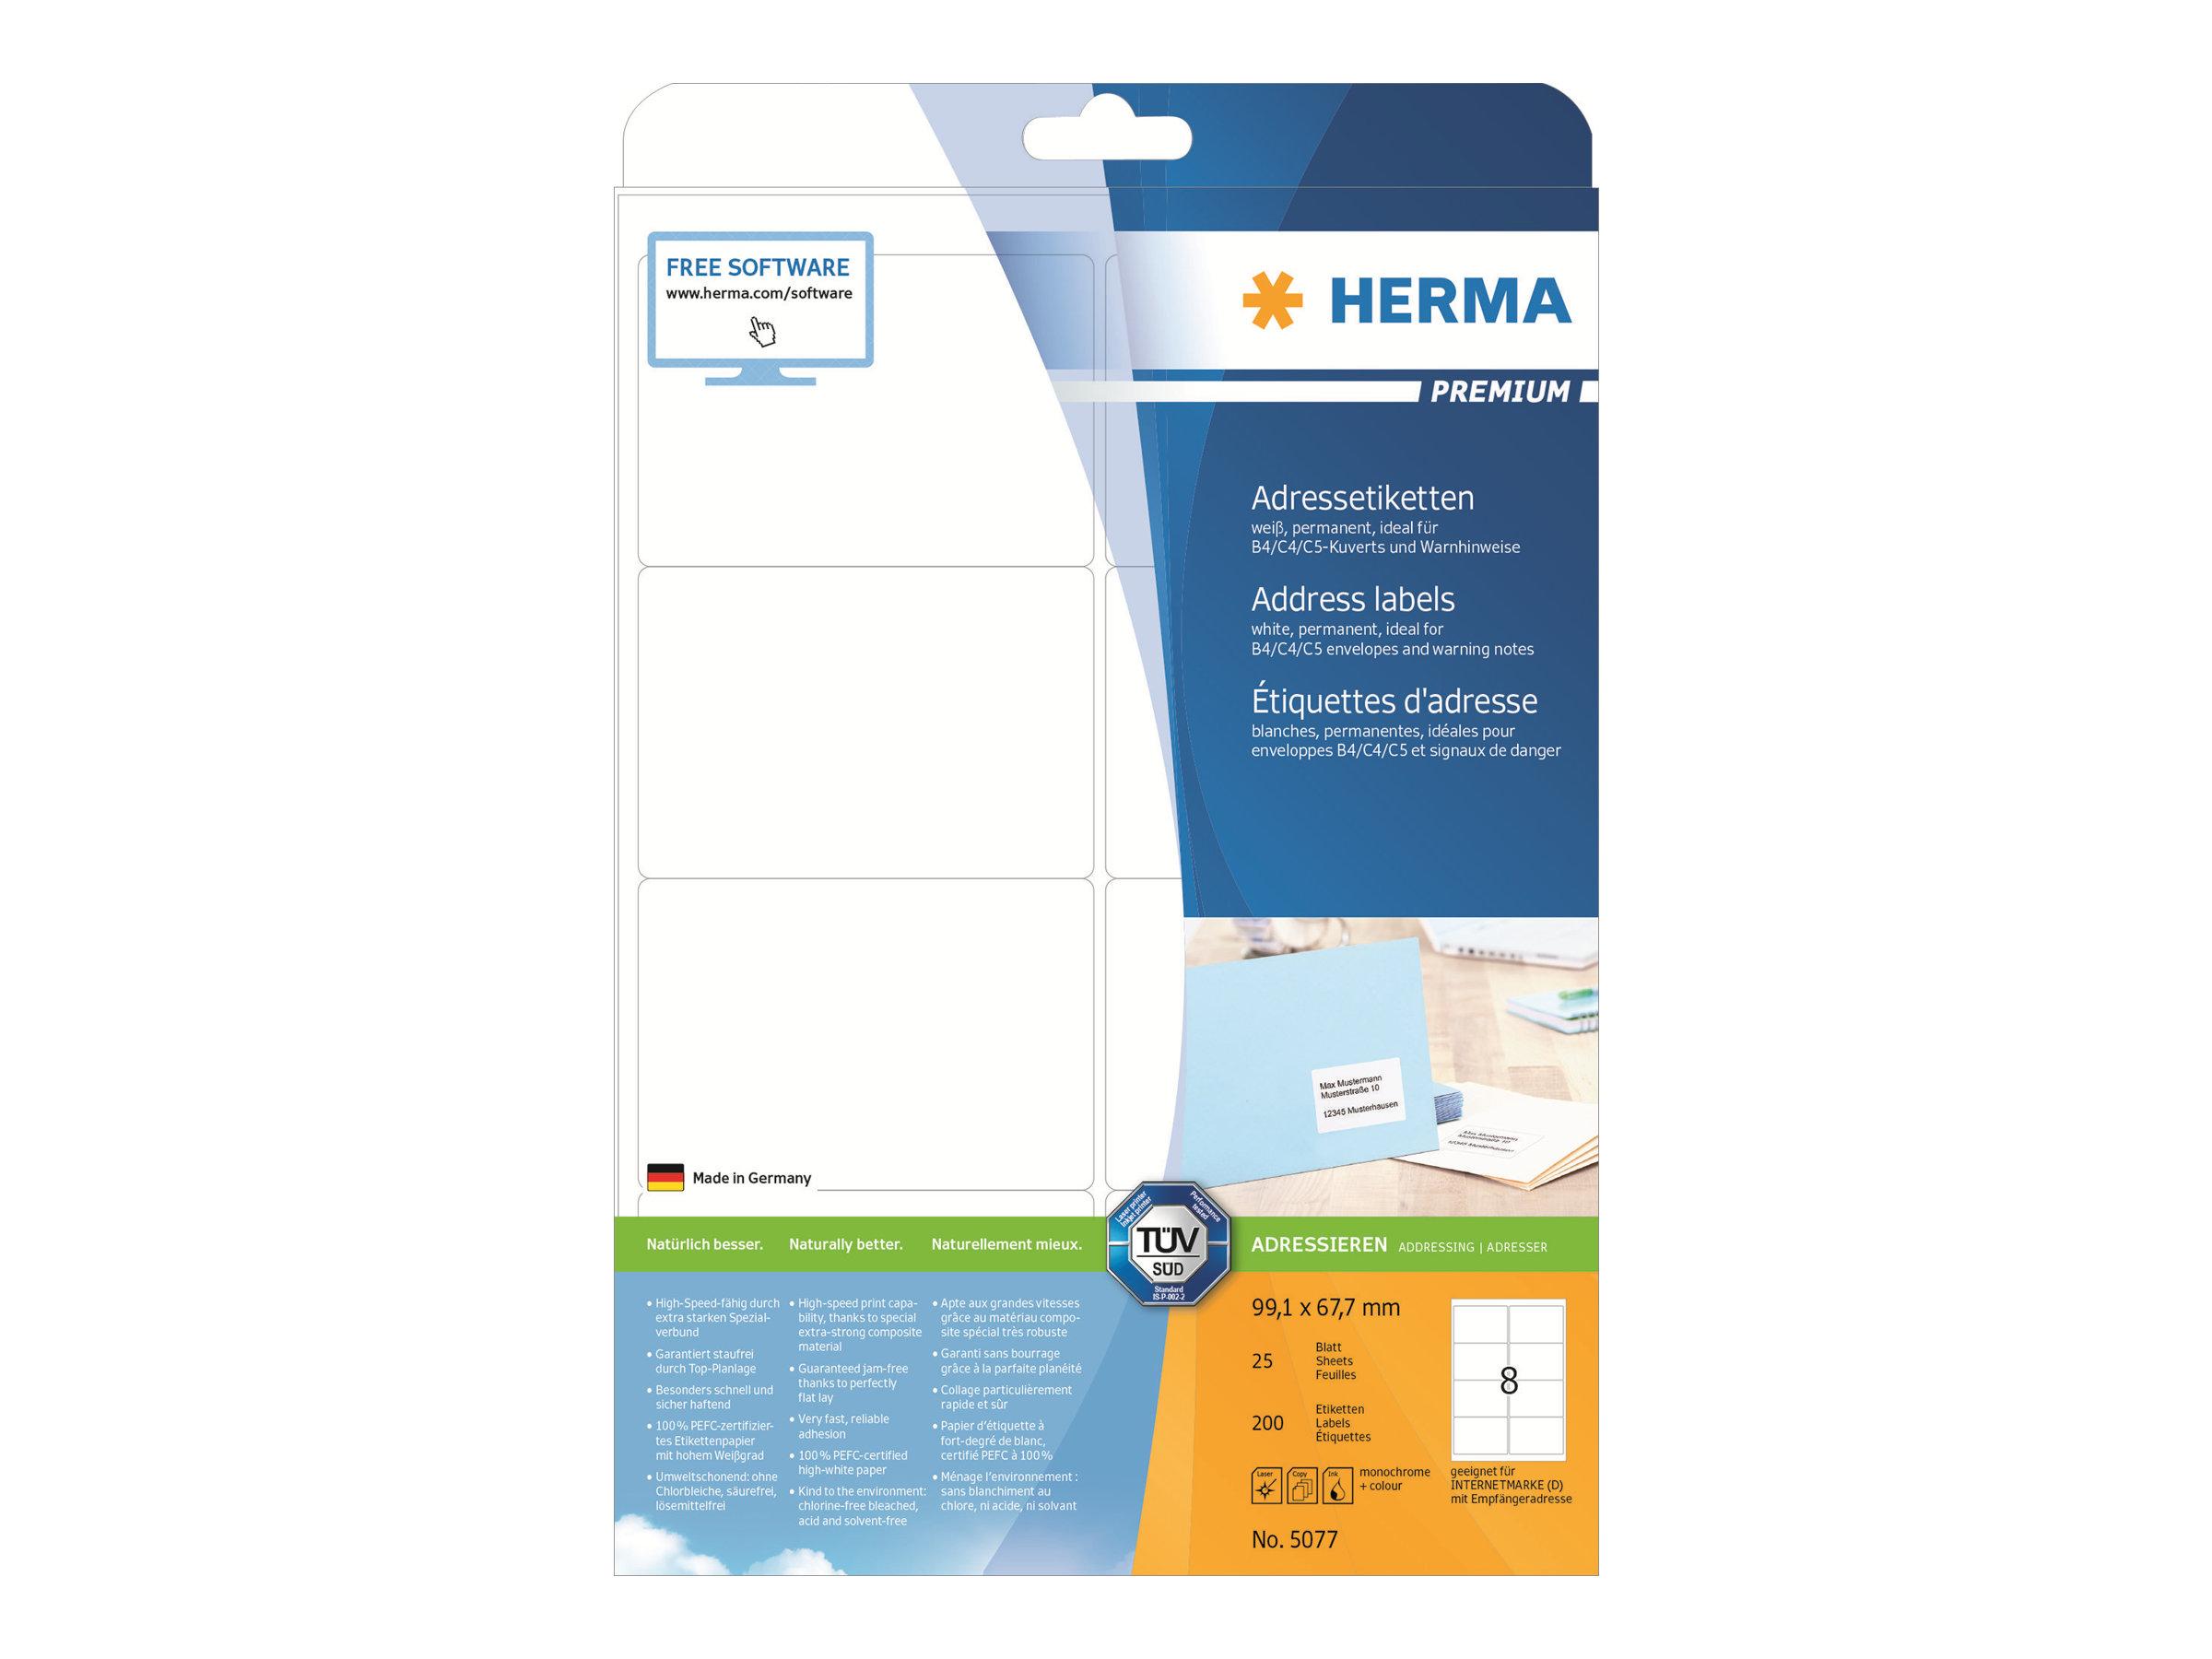 HERMA Premium - Papier - matt - permanent selbstklebend - weiß - 99.1 x 67.7 mm 200 Etikett(en) (25 Bogen x 8)